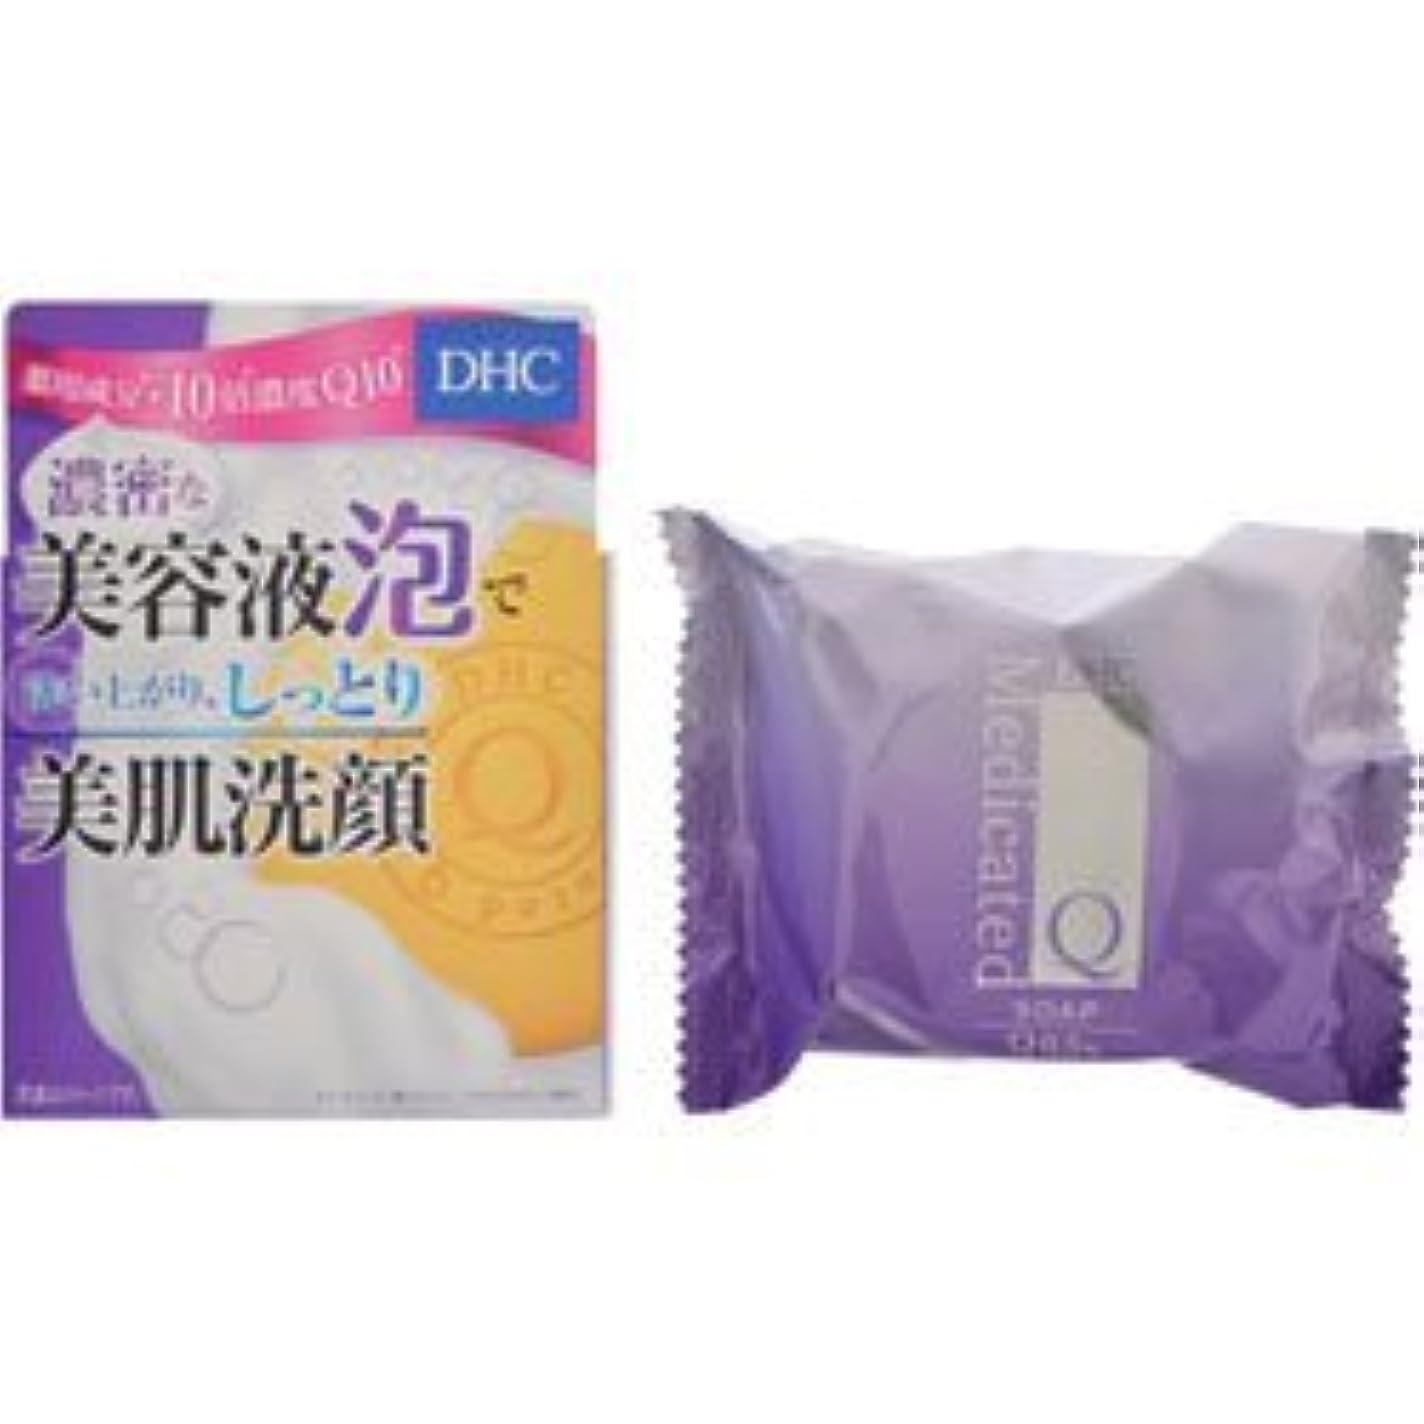 不良品麻痺させる引き金【DHC】DHC 薬用Qソープ SS 60g ×5個セット